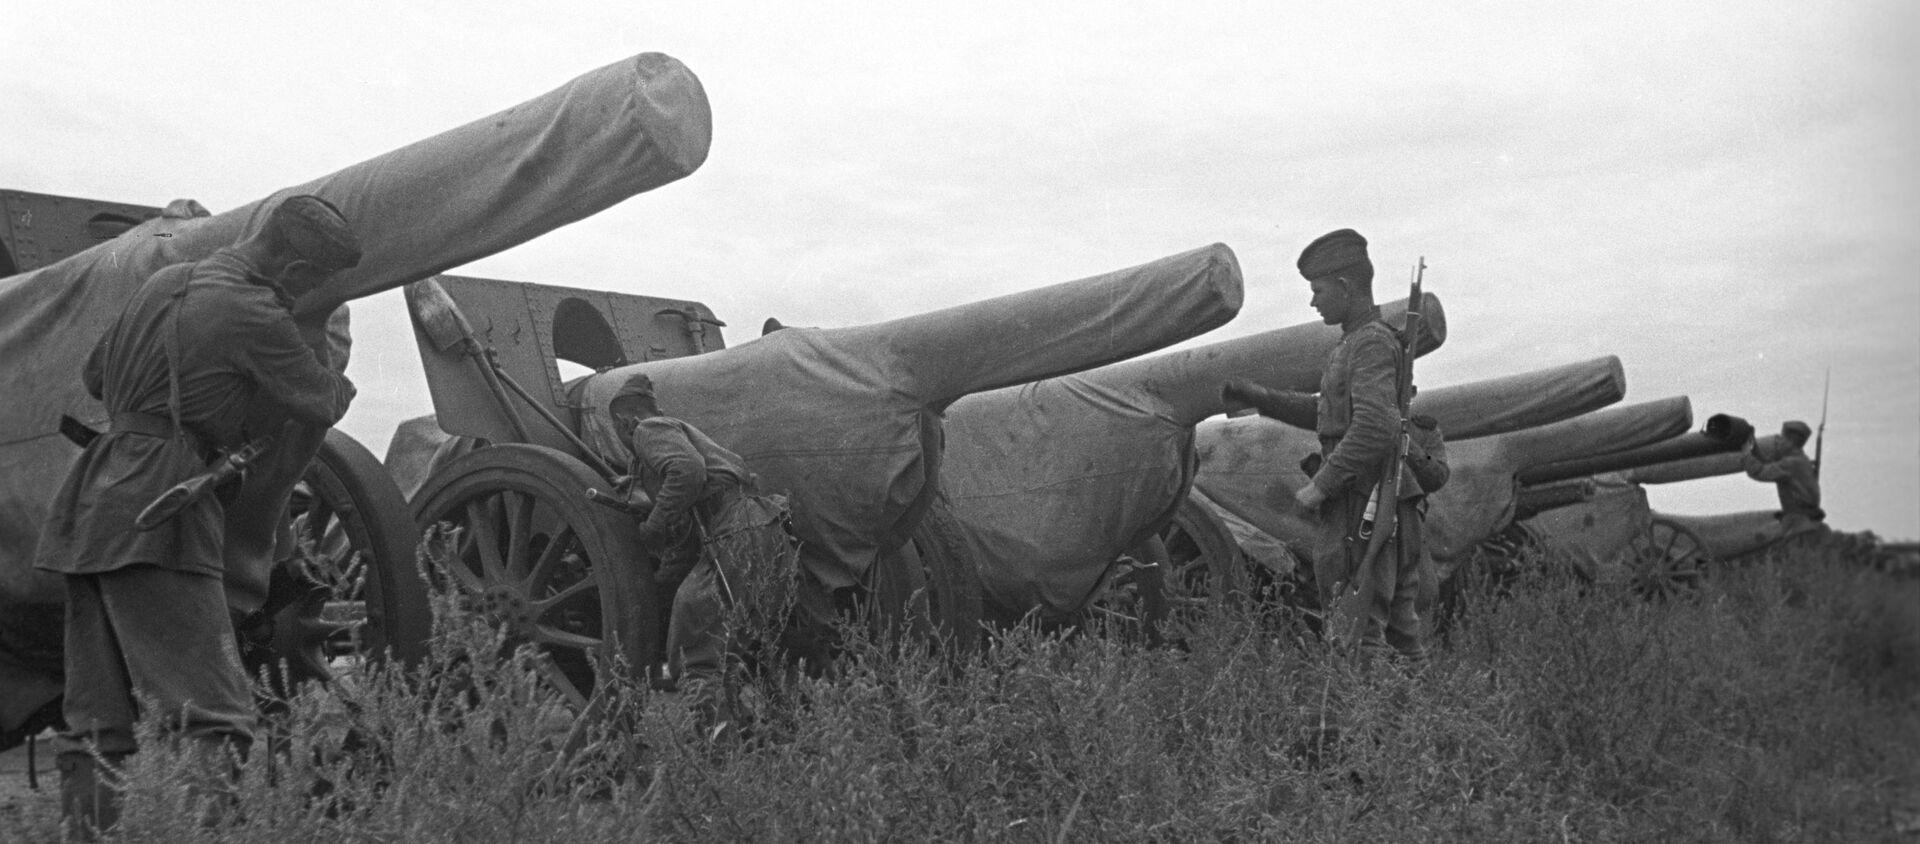 Советско-японская война (9 августа - 3 сентября 1945 года). 2-й Дальневосточный фронт. Японская артиллерия, захваченная советскими войсками. - Sputnik Абхазия, 1920, 08.08.2021